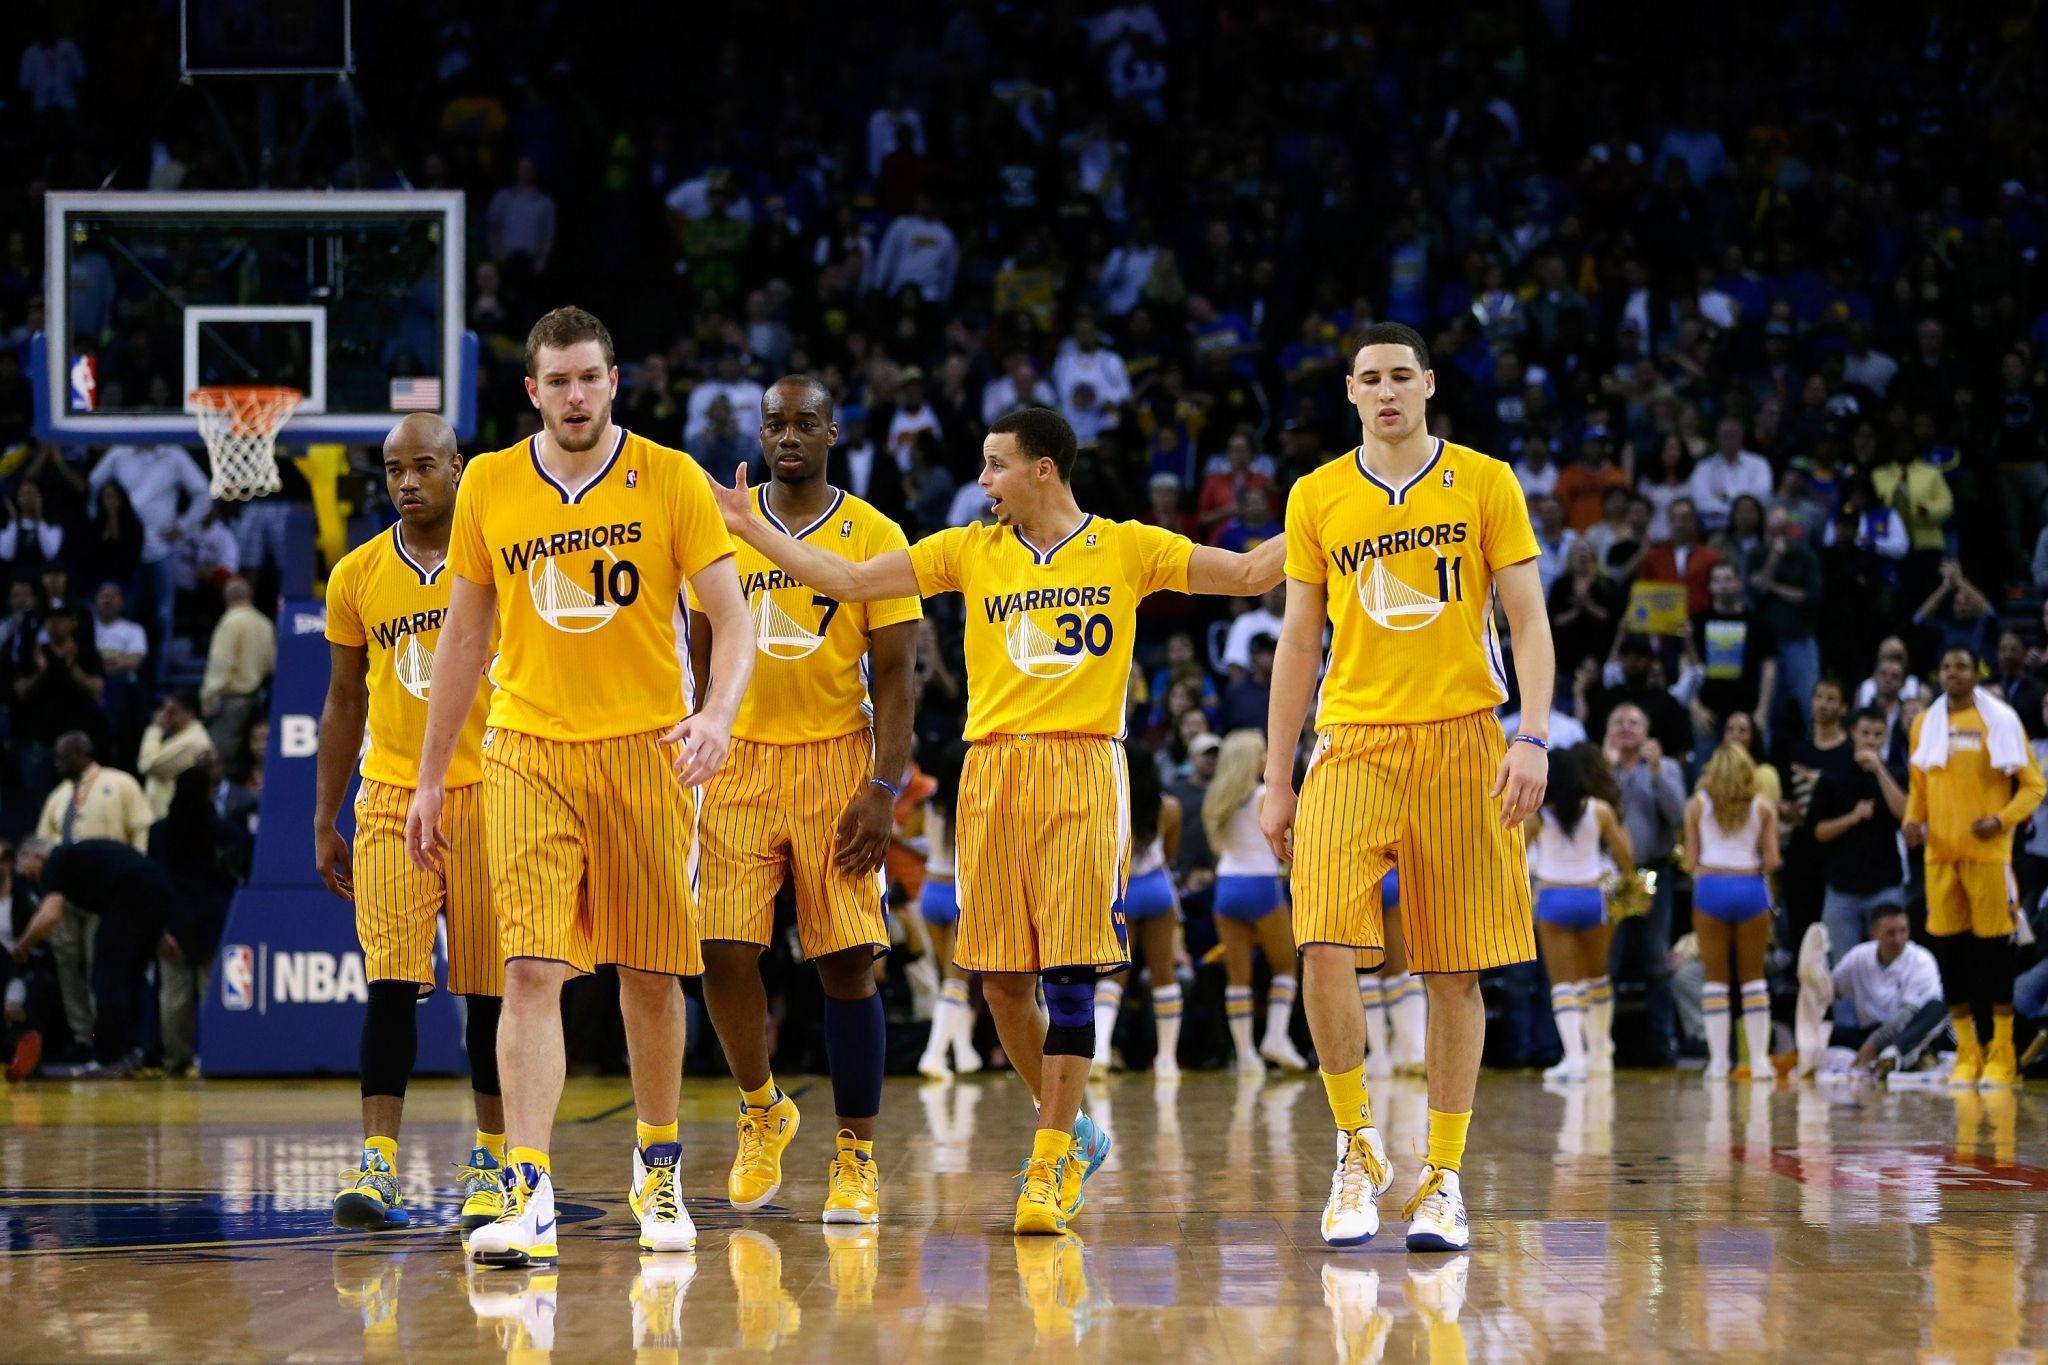 GOLDEN STATE WARRIORS nba basketball wallpaper x | HD Wallpapers ...